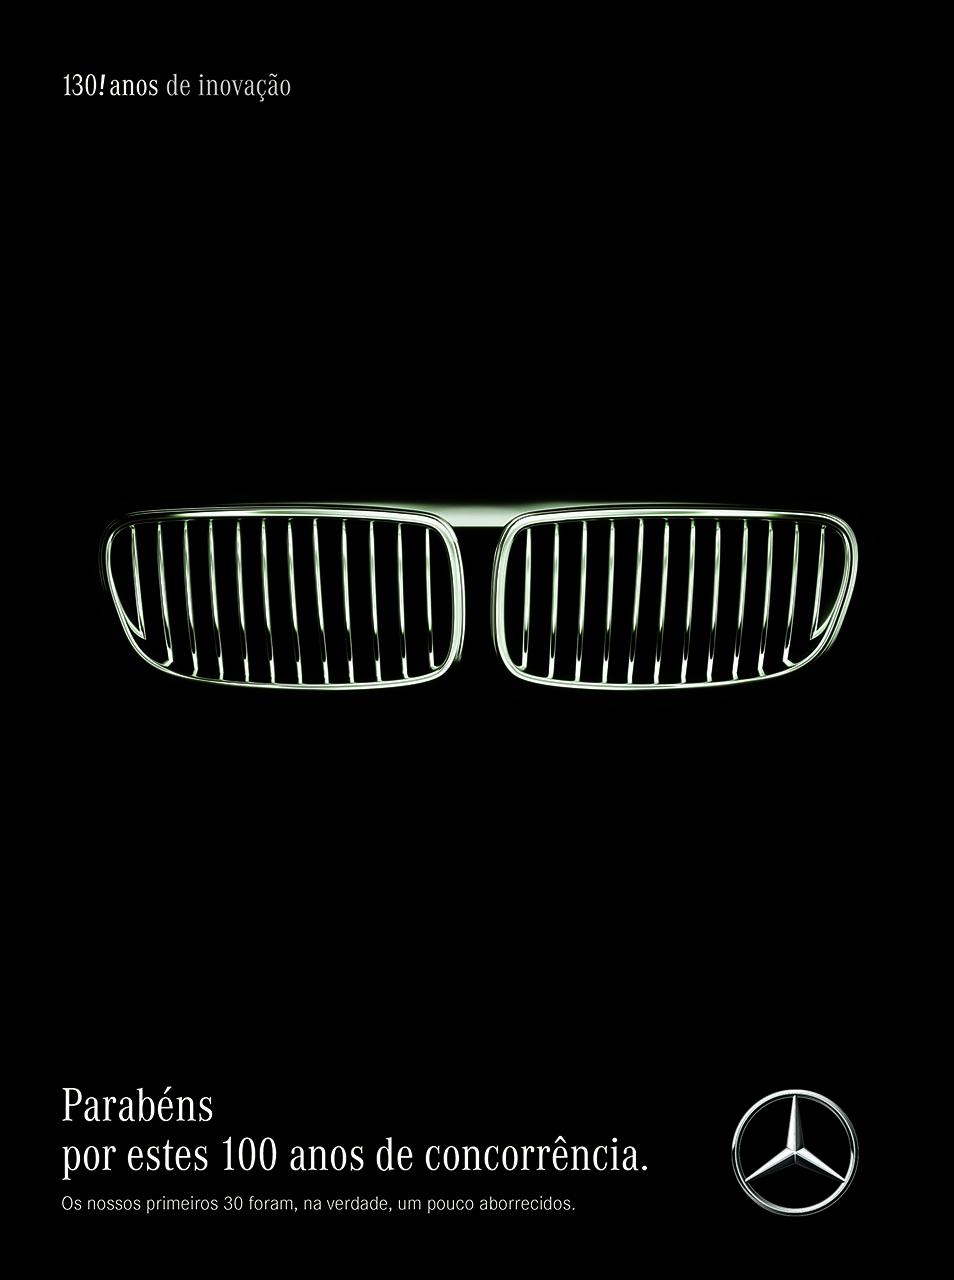 MB_Parabens BMW